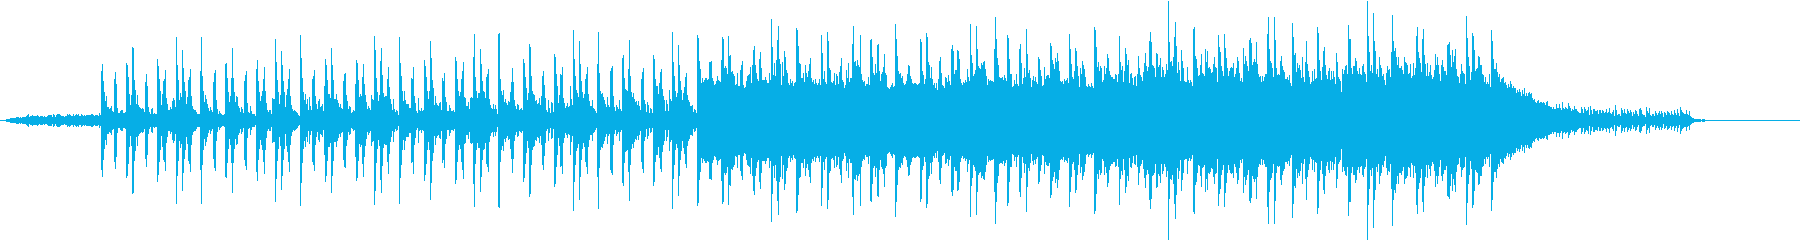 機械的な音のロックの再生済みの波形